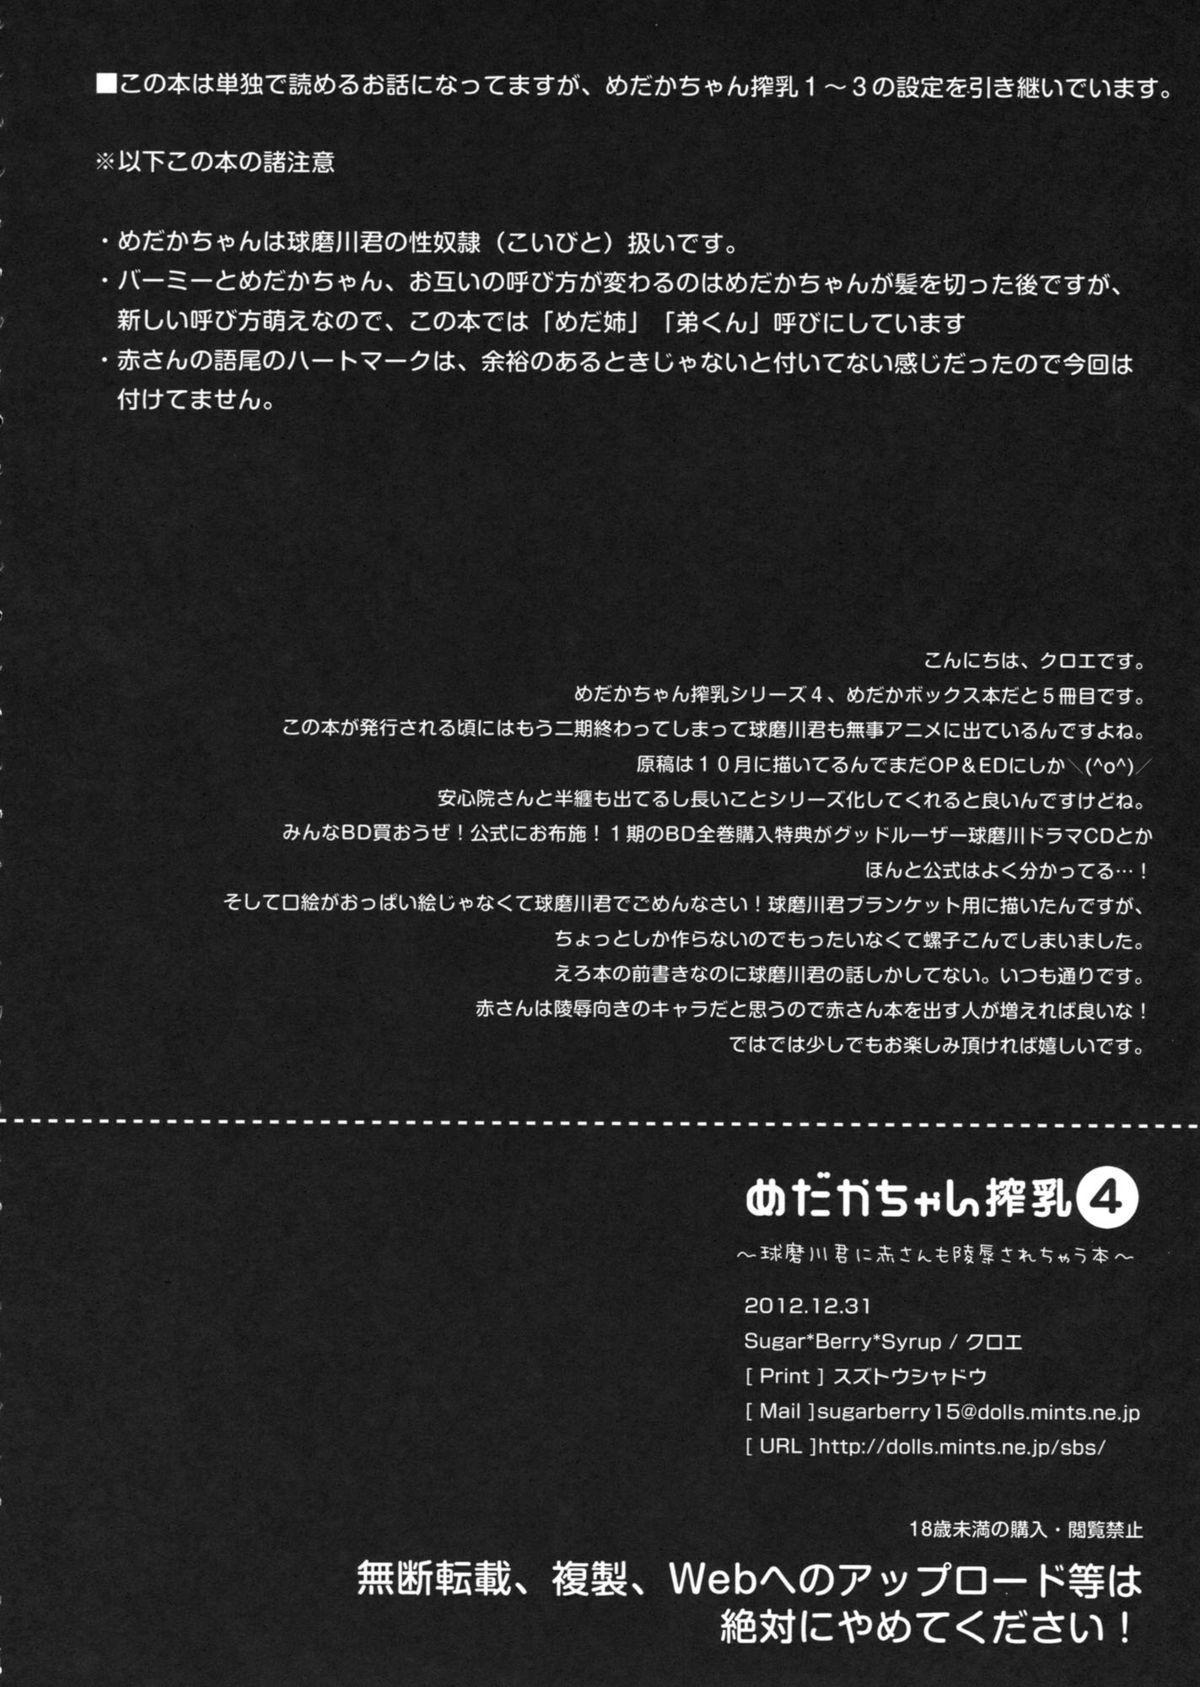 (C83) [Sugar*Berry*Syrup (Kuroe)] Medaka-chan Sakunyuu 4 ~Kumagawa-kun ni Aka-san mo Ryoujoku Sarechau Hon~ (Medaka Box) 3